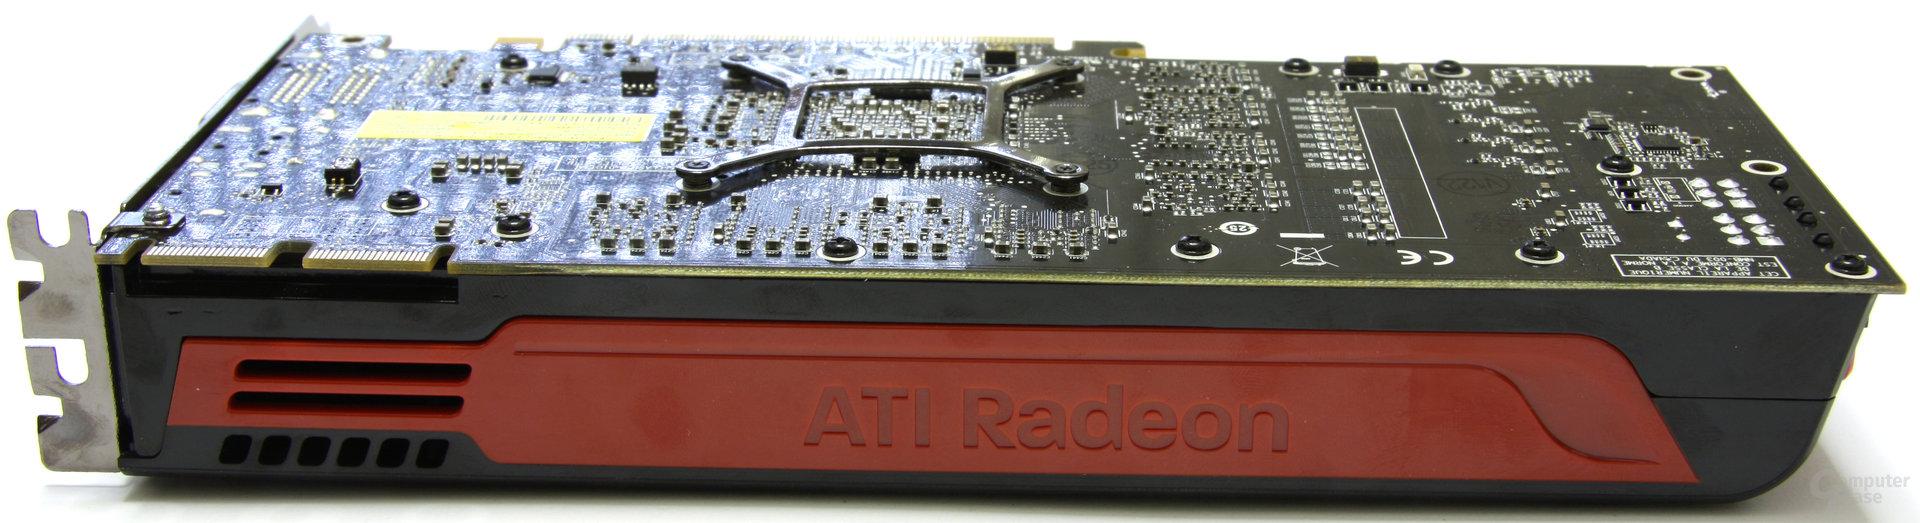 Radeon HD 5850 Schriftzug